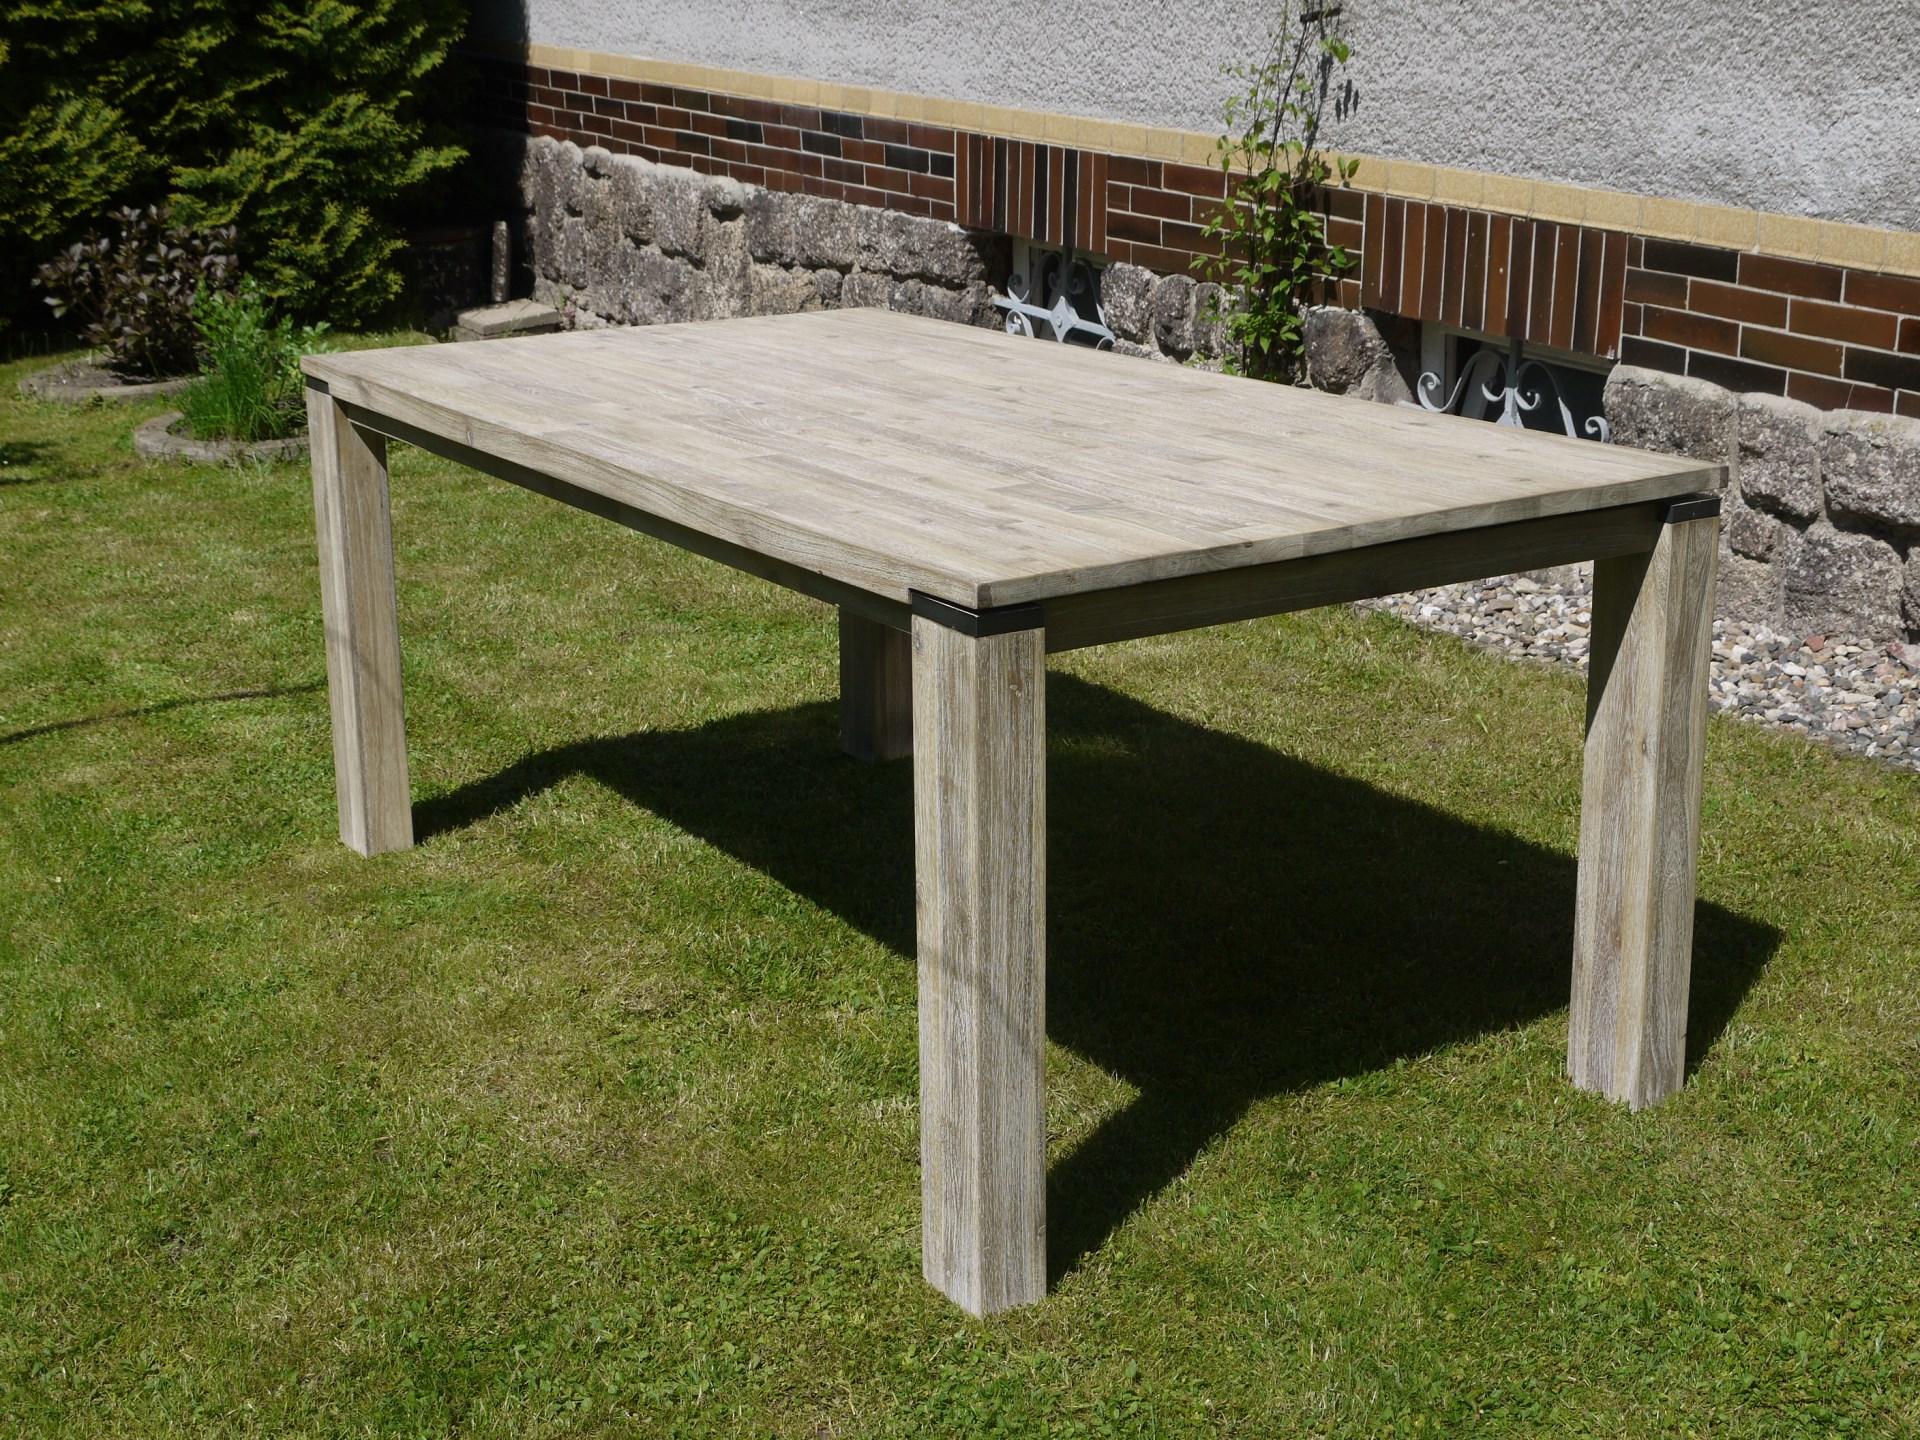 Kvalitní masivní jídelní stůl s rozkladem 160x100x77 cm +60 cm rozklad v přírodní šedé barvě